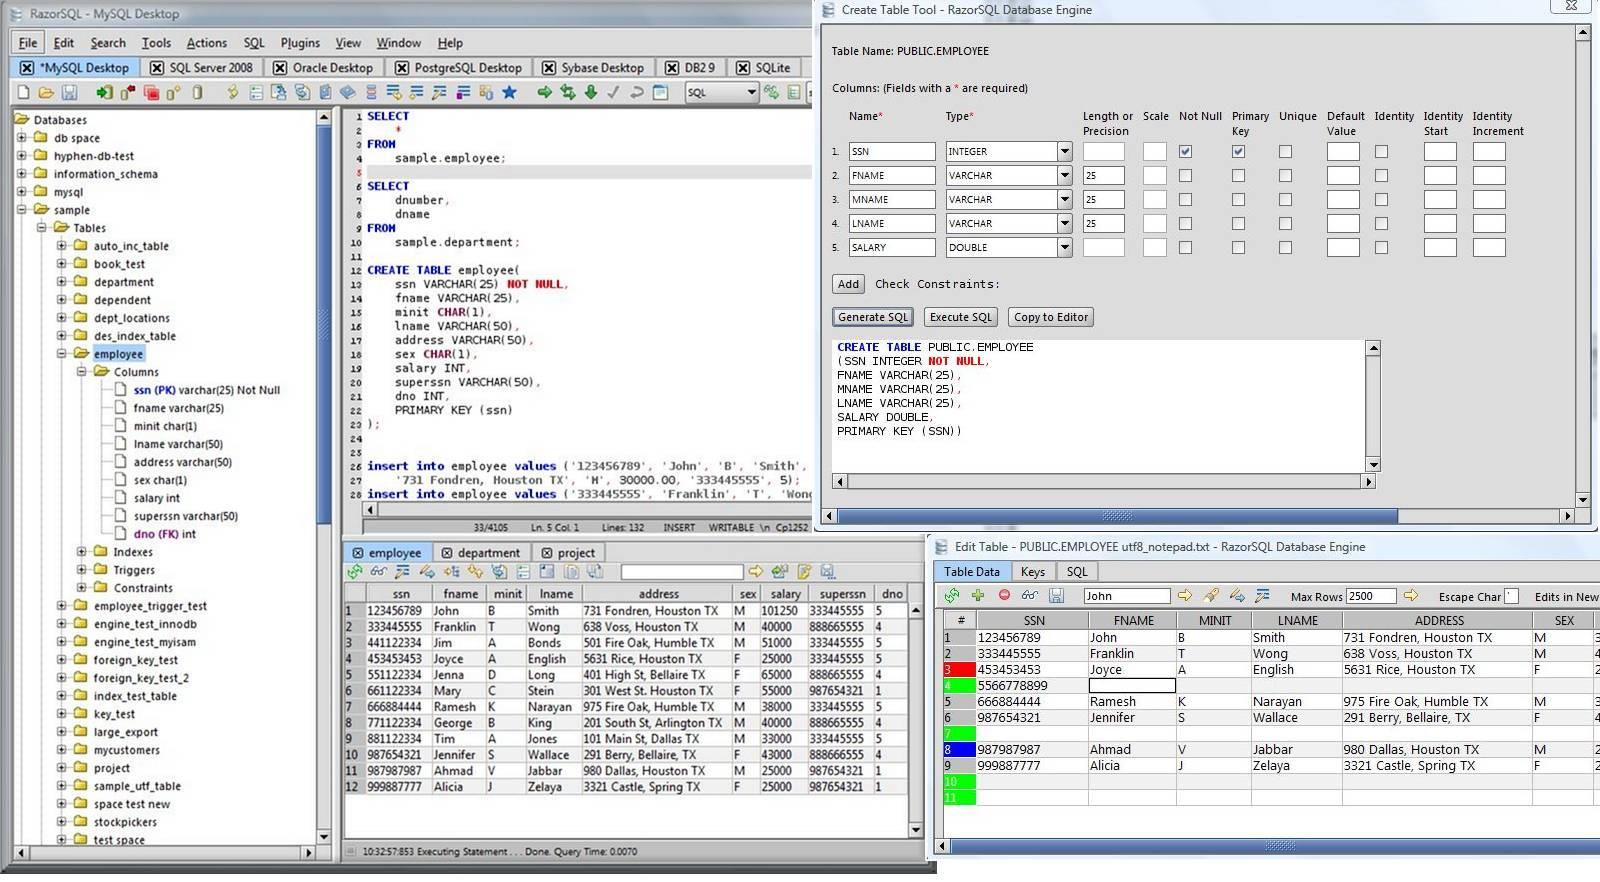 screenshot.RazorSQL نرم افزار مدیریت پایگاه داده اس كيو ال RazorSQL 6 3 4